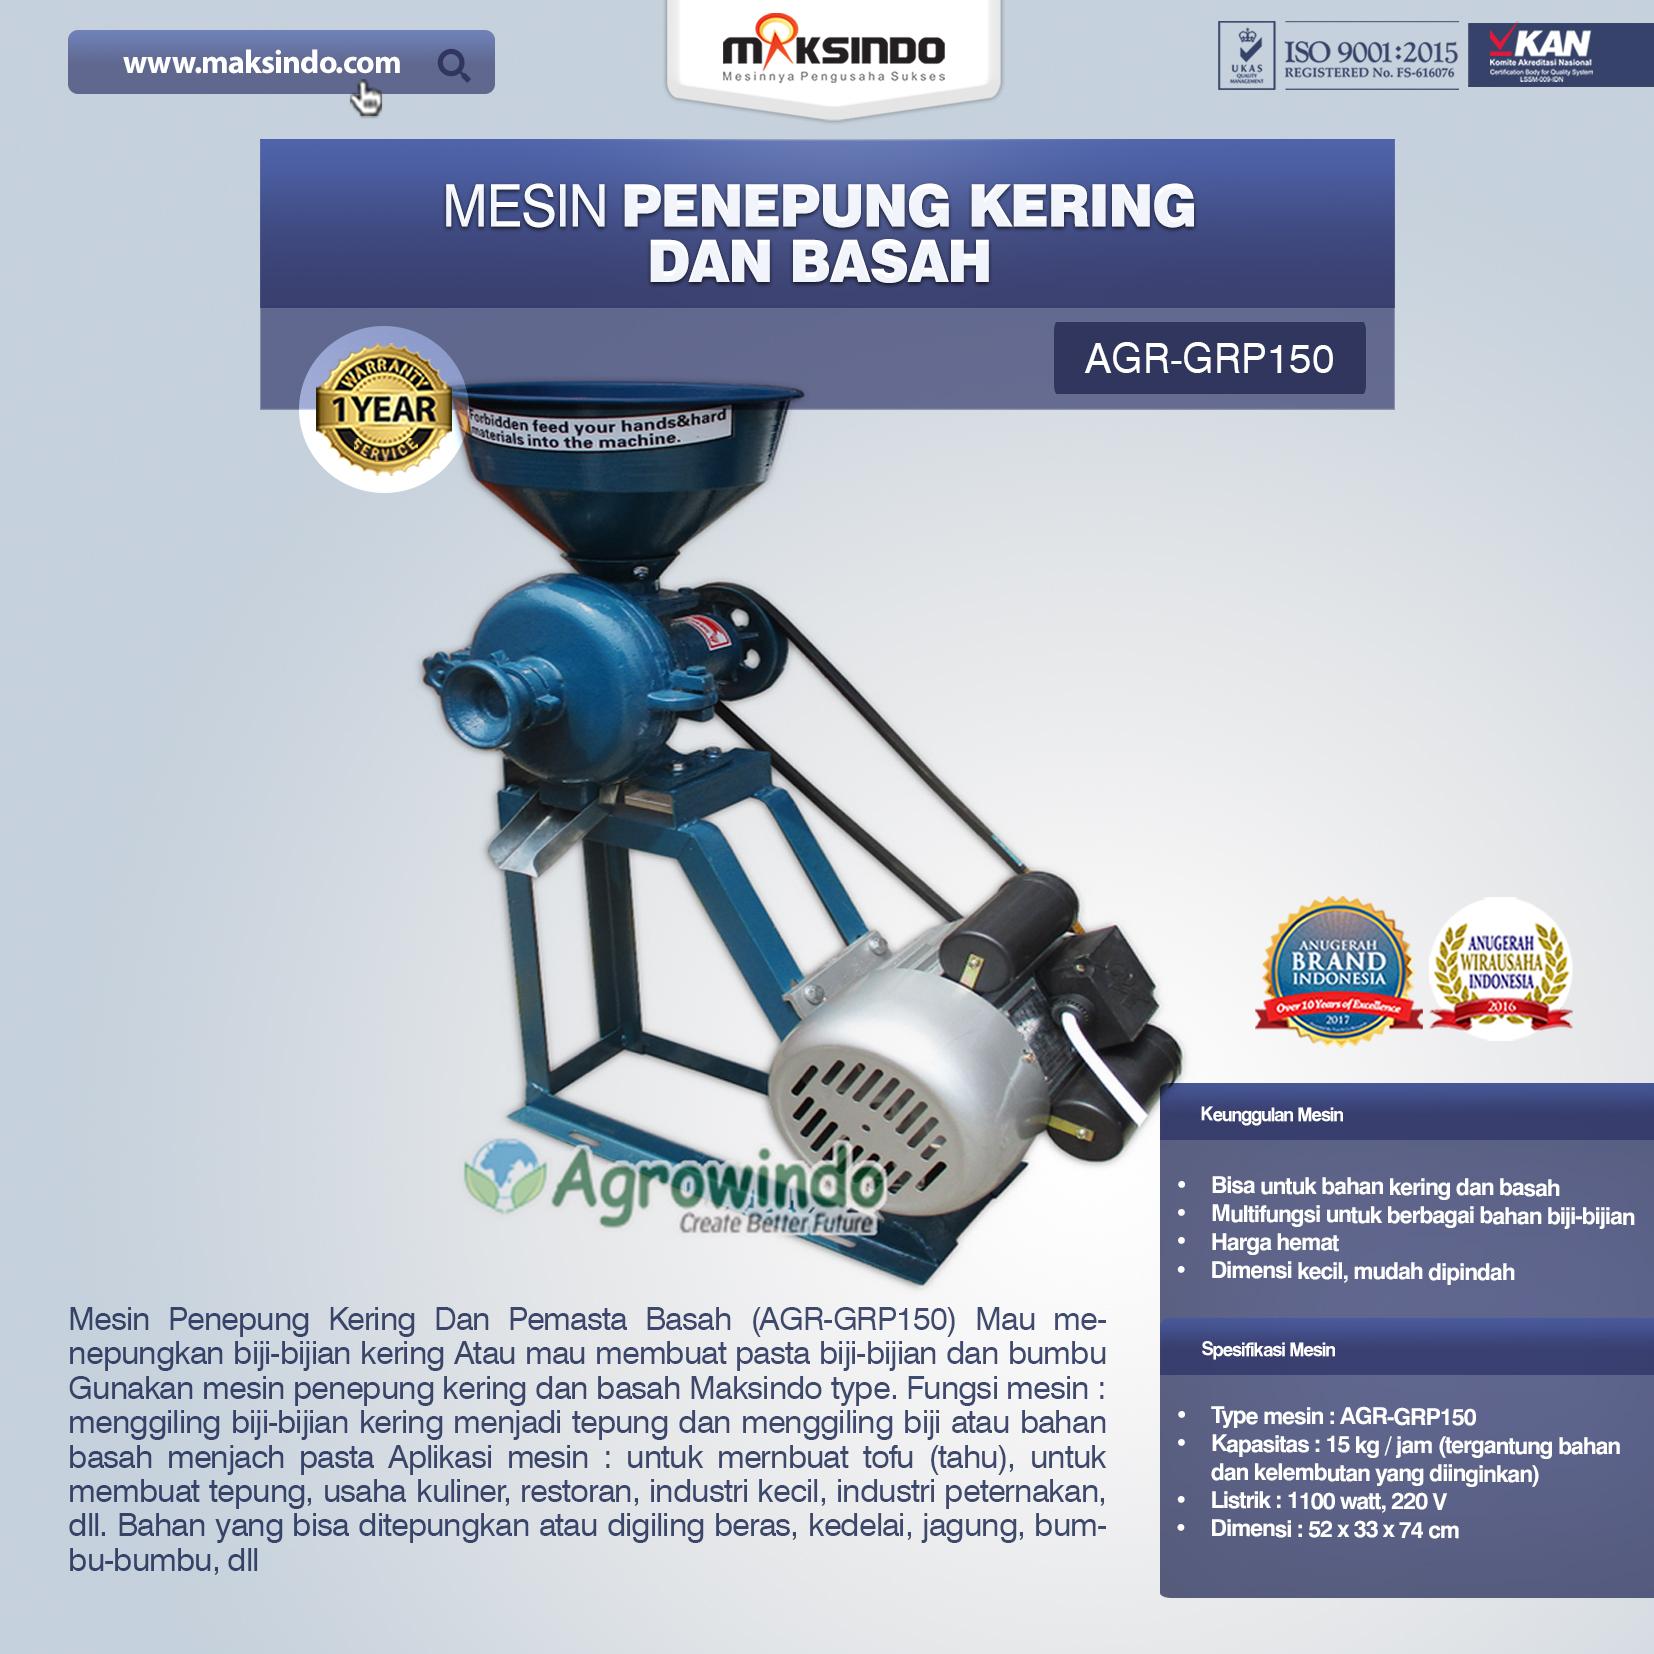 Jual Mesin Penepung Kering dan Basah (GRP150) di Bandung